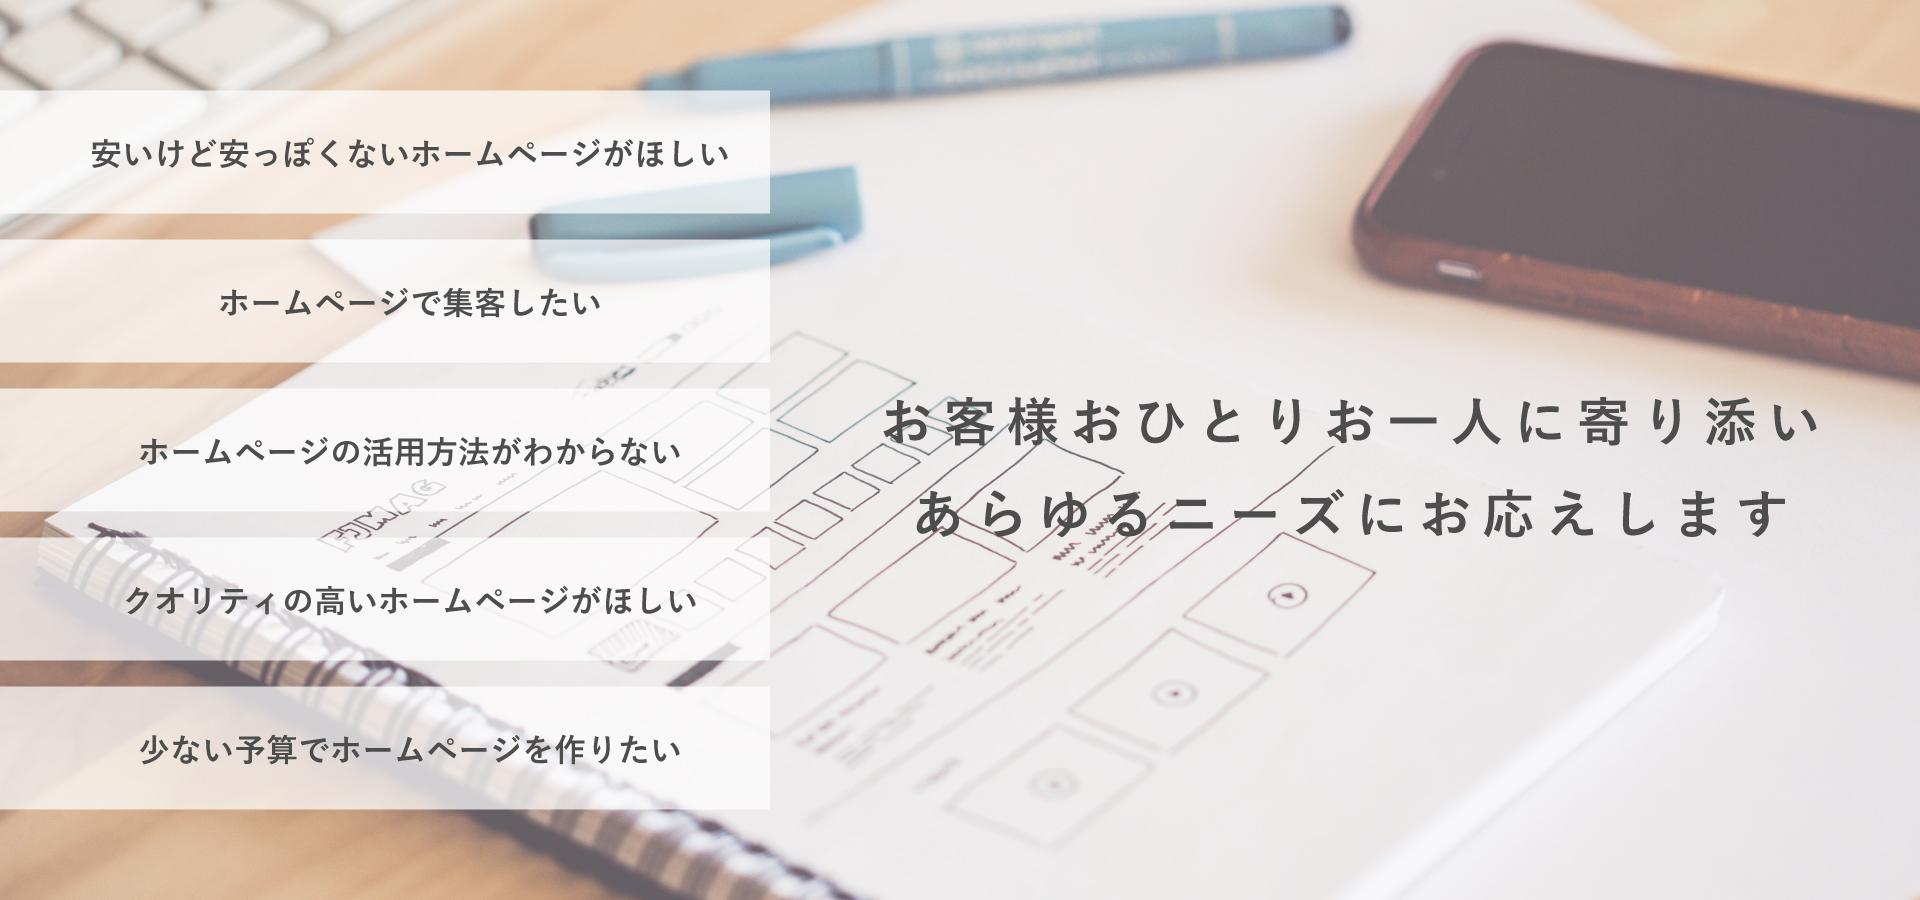 ホームページ制作会社 株式会社ADAPT